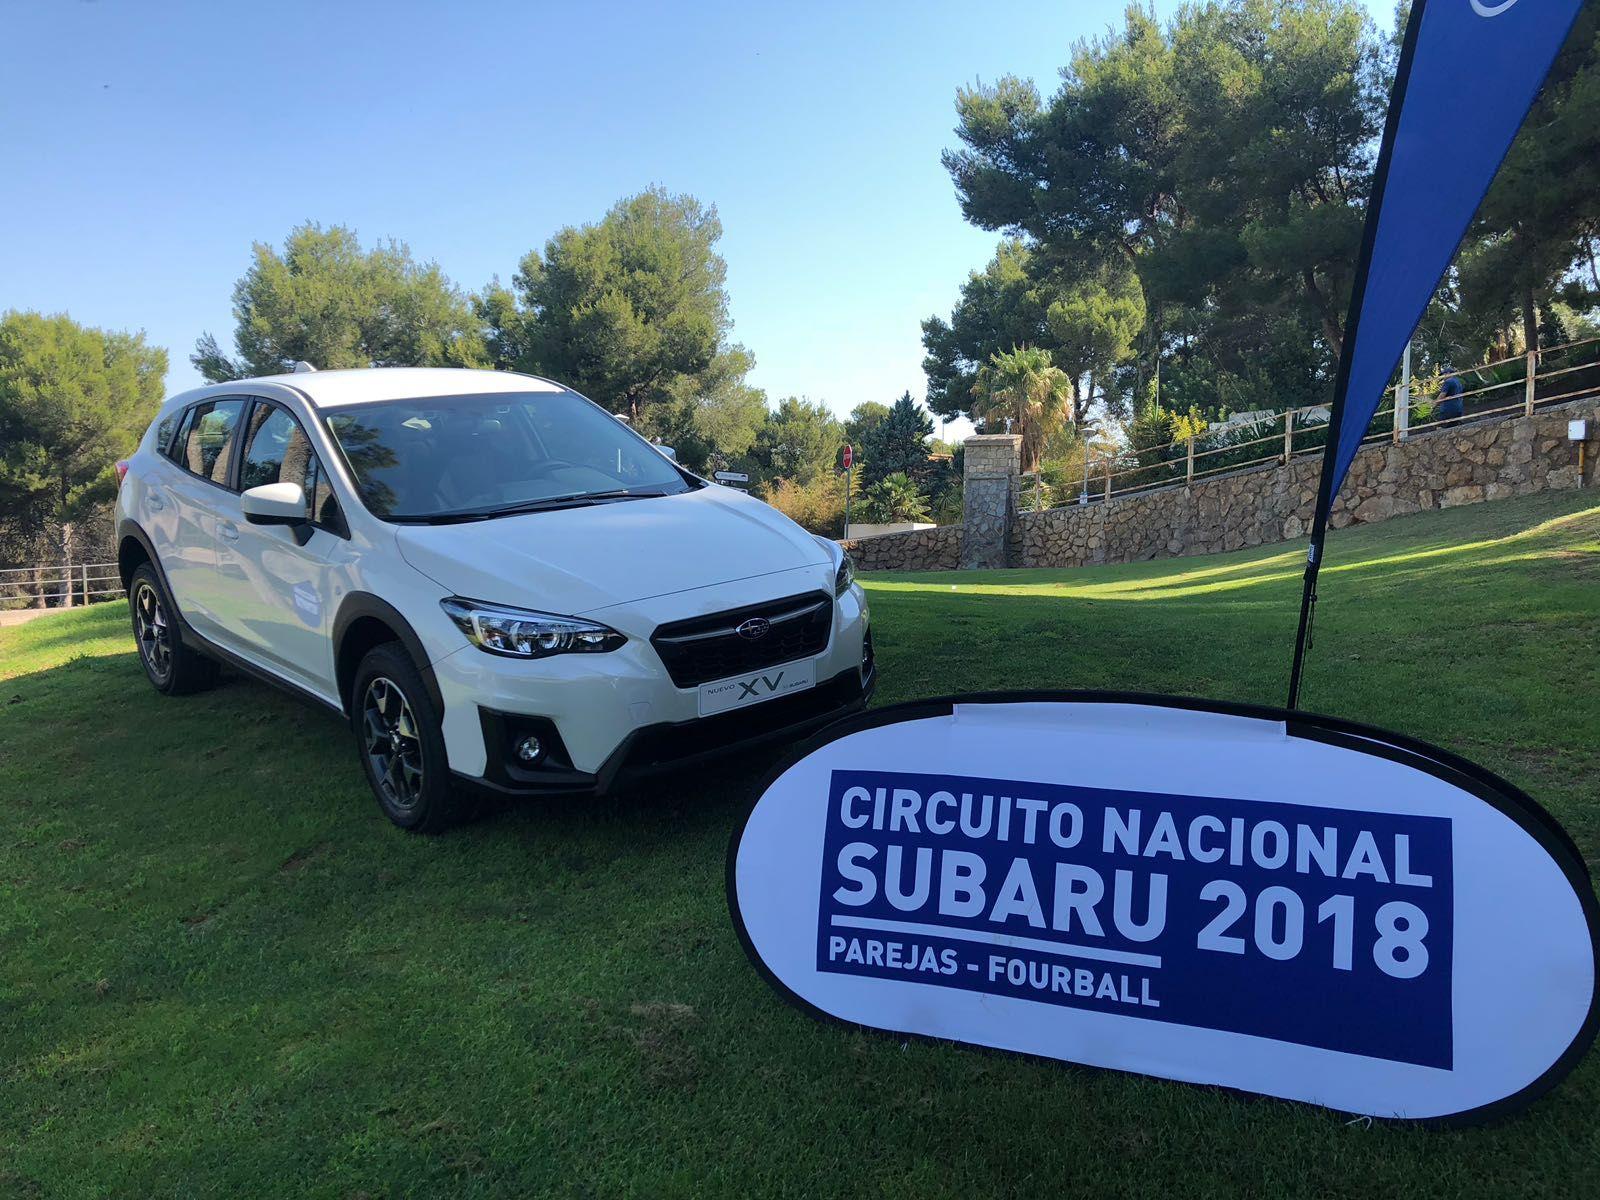 El Circuito Nacional de Golf por parejas de Subaru pasa por Valencia